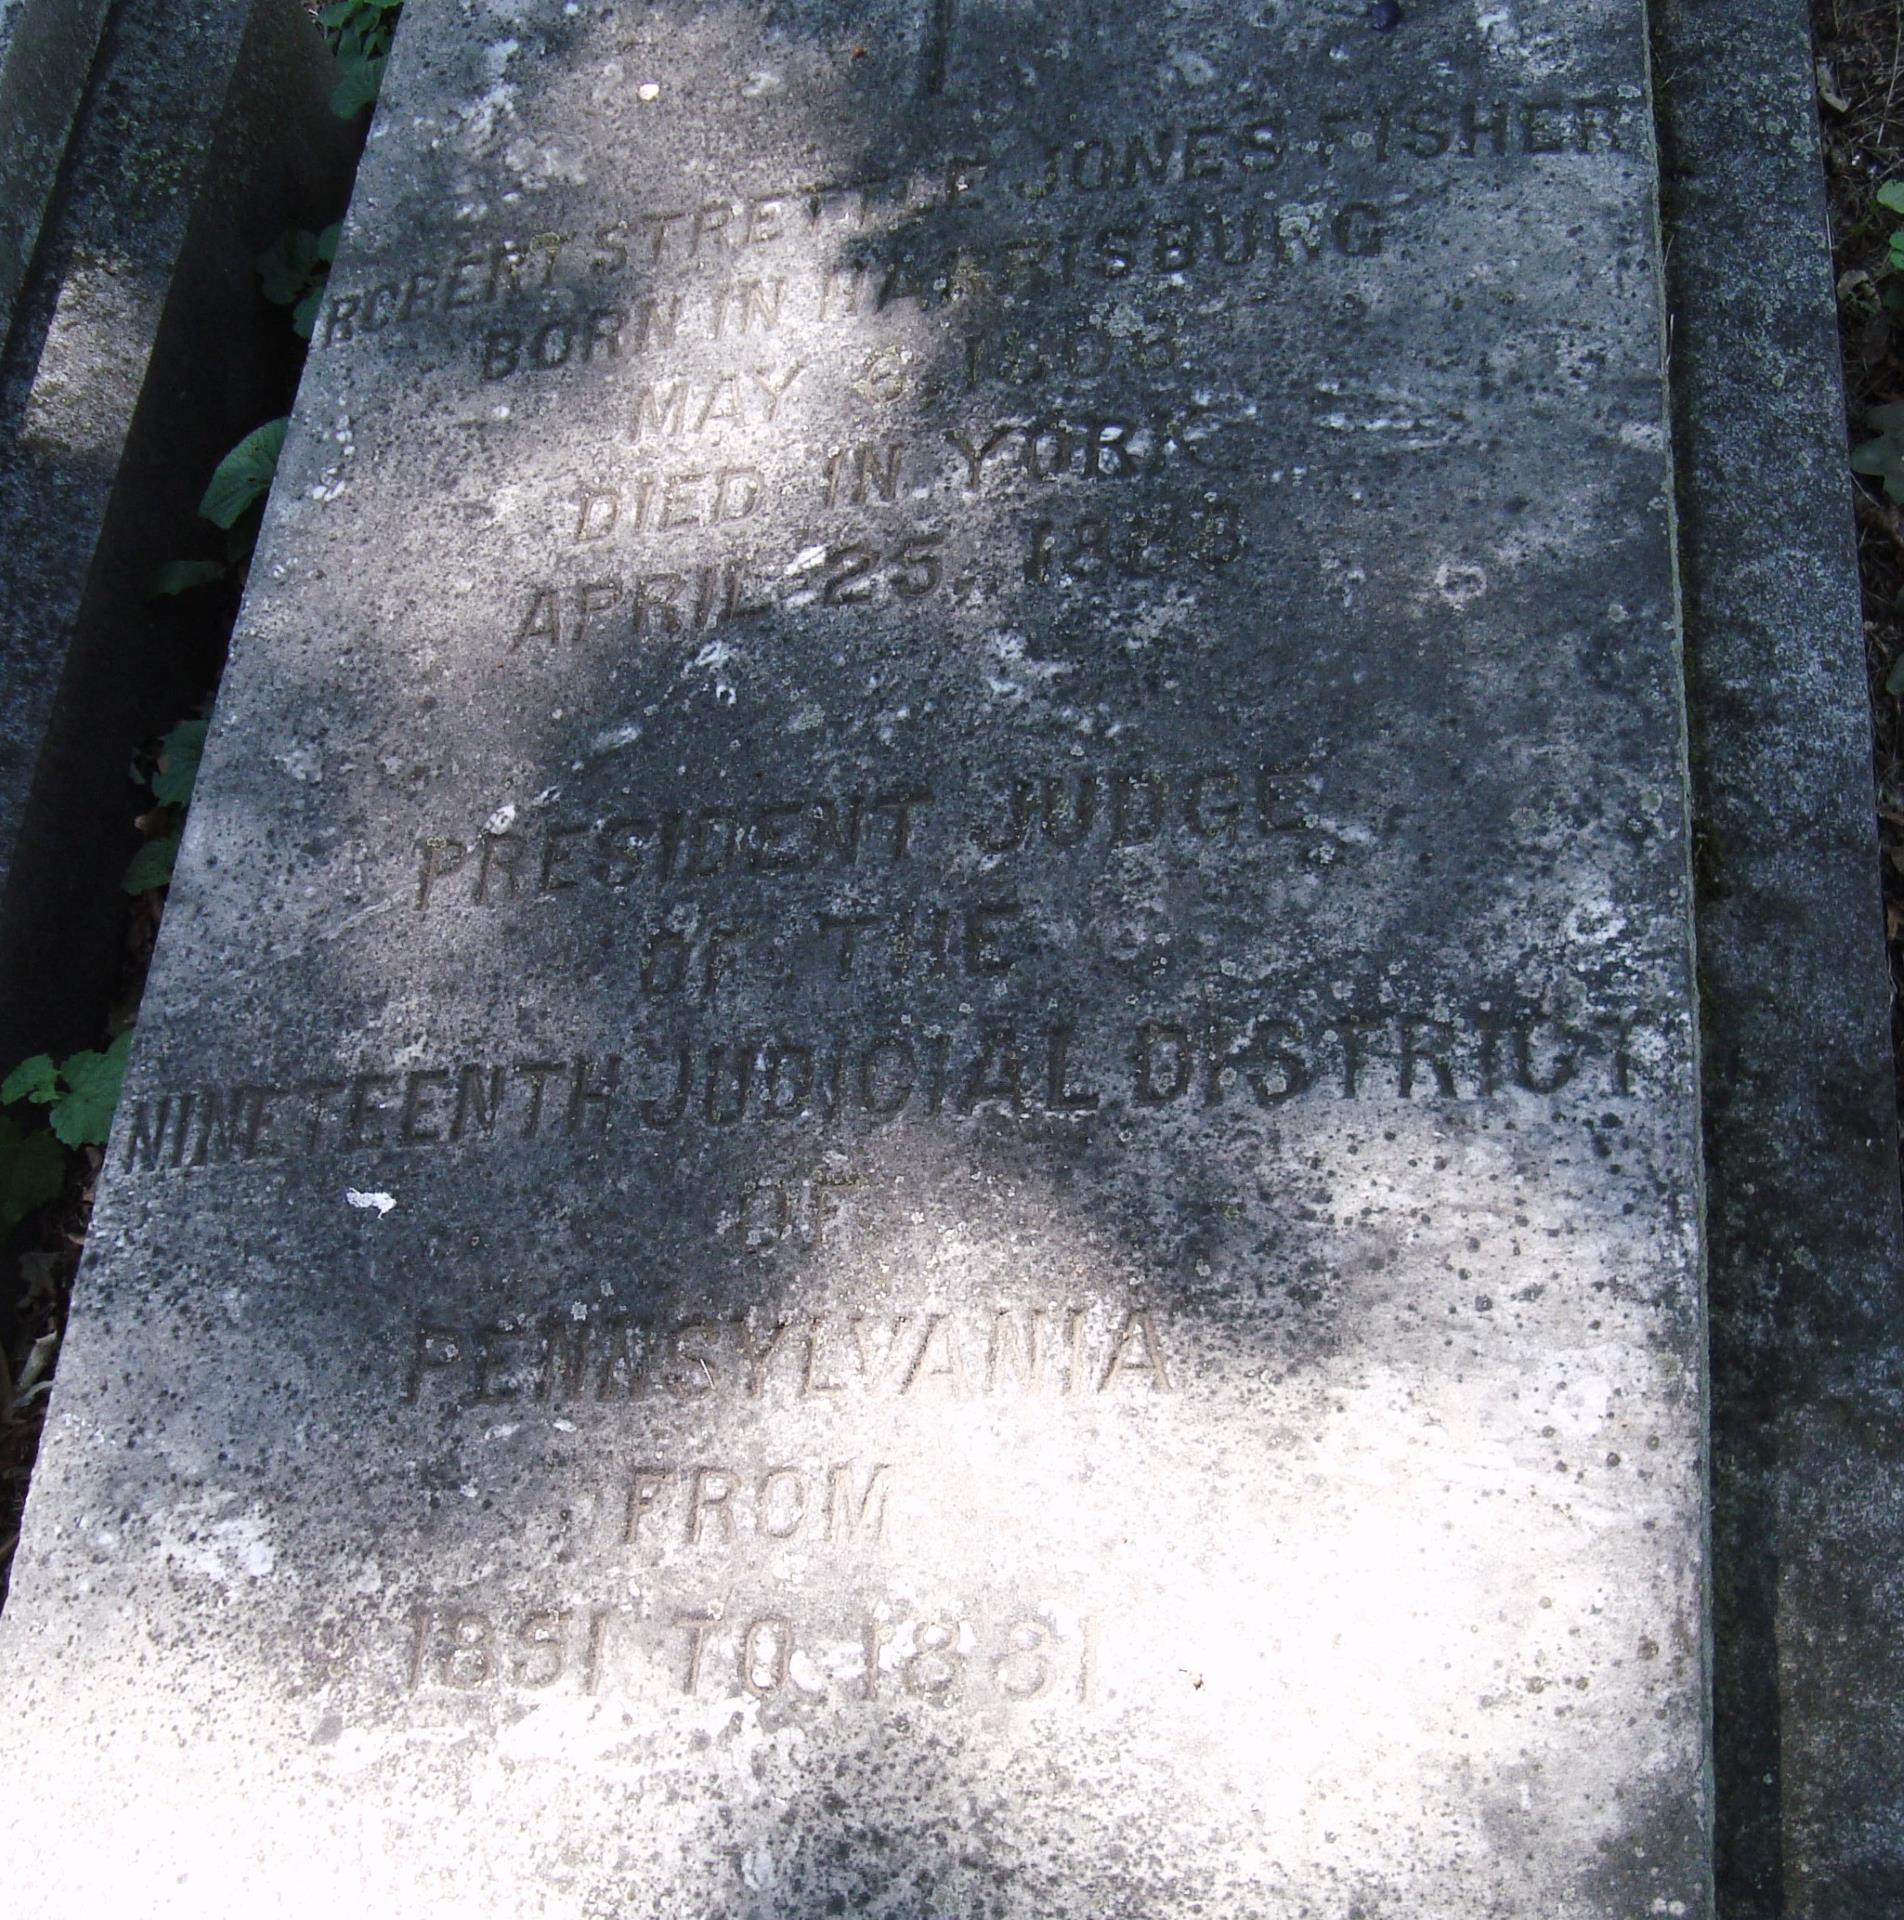 Robert Strettle Jones Fisher